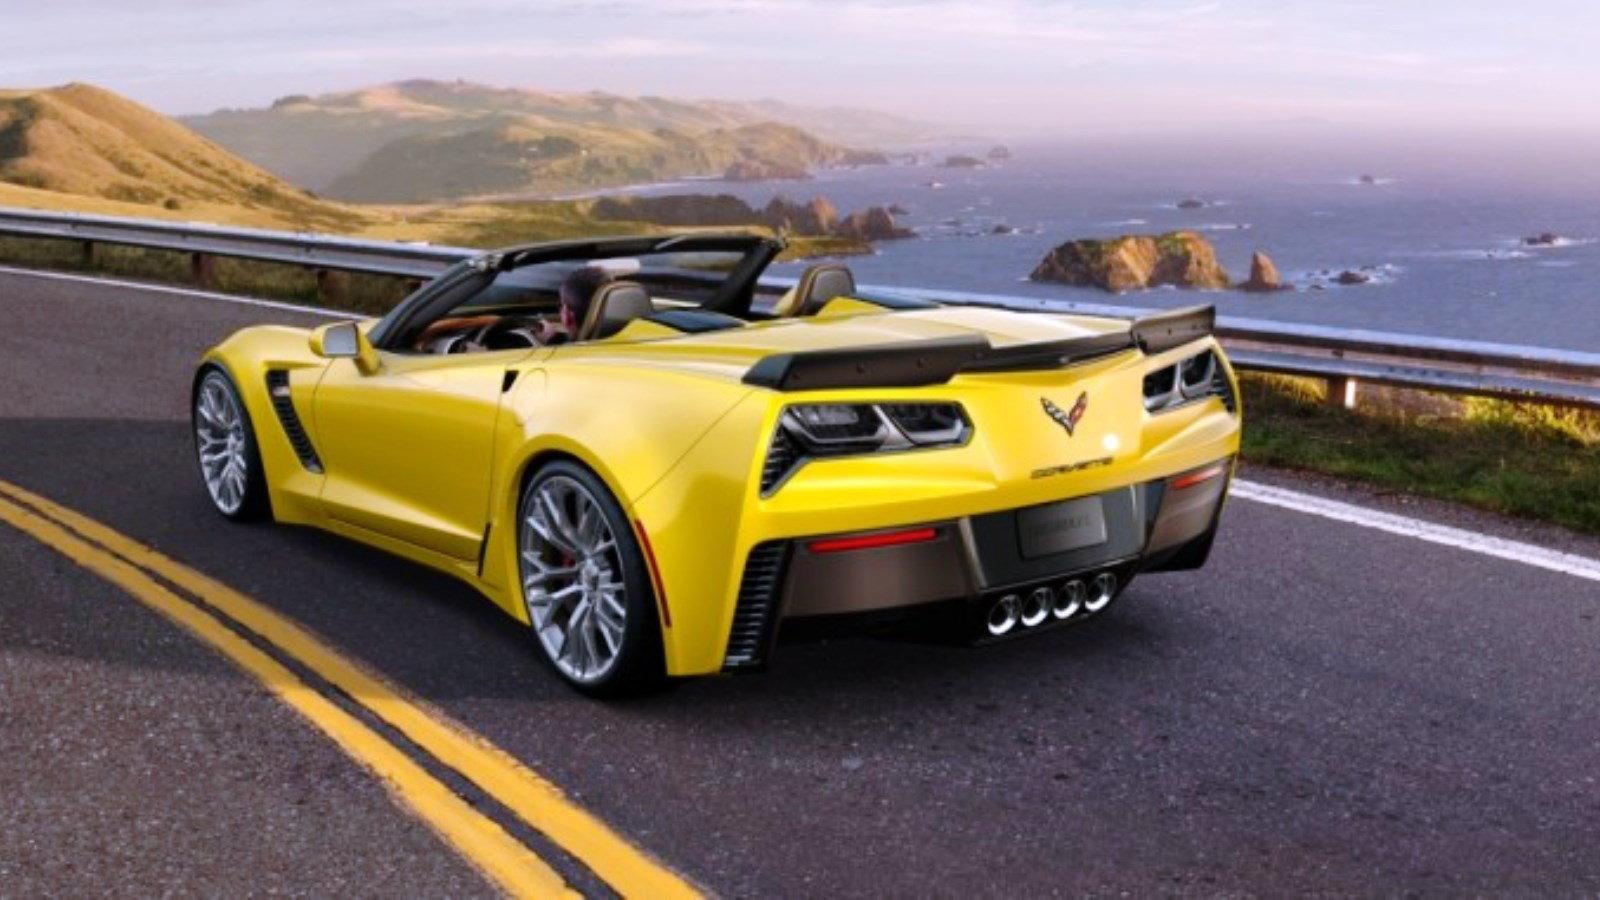 2015 Velocity Yellow Corvette Z06